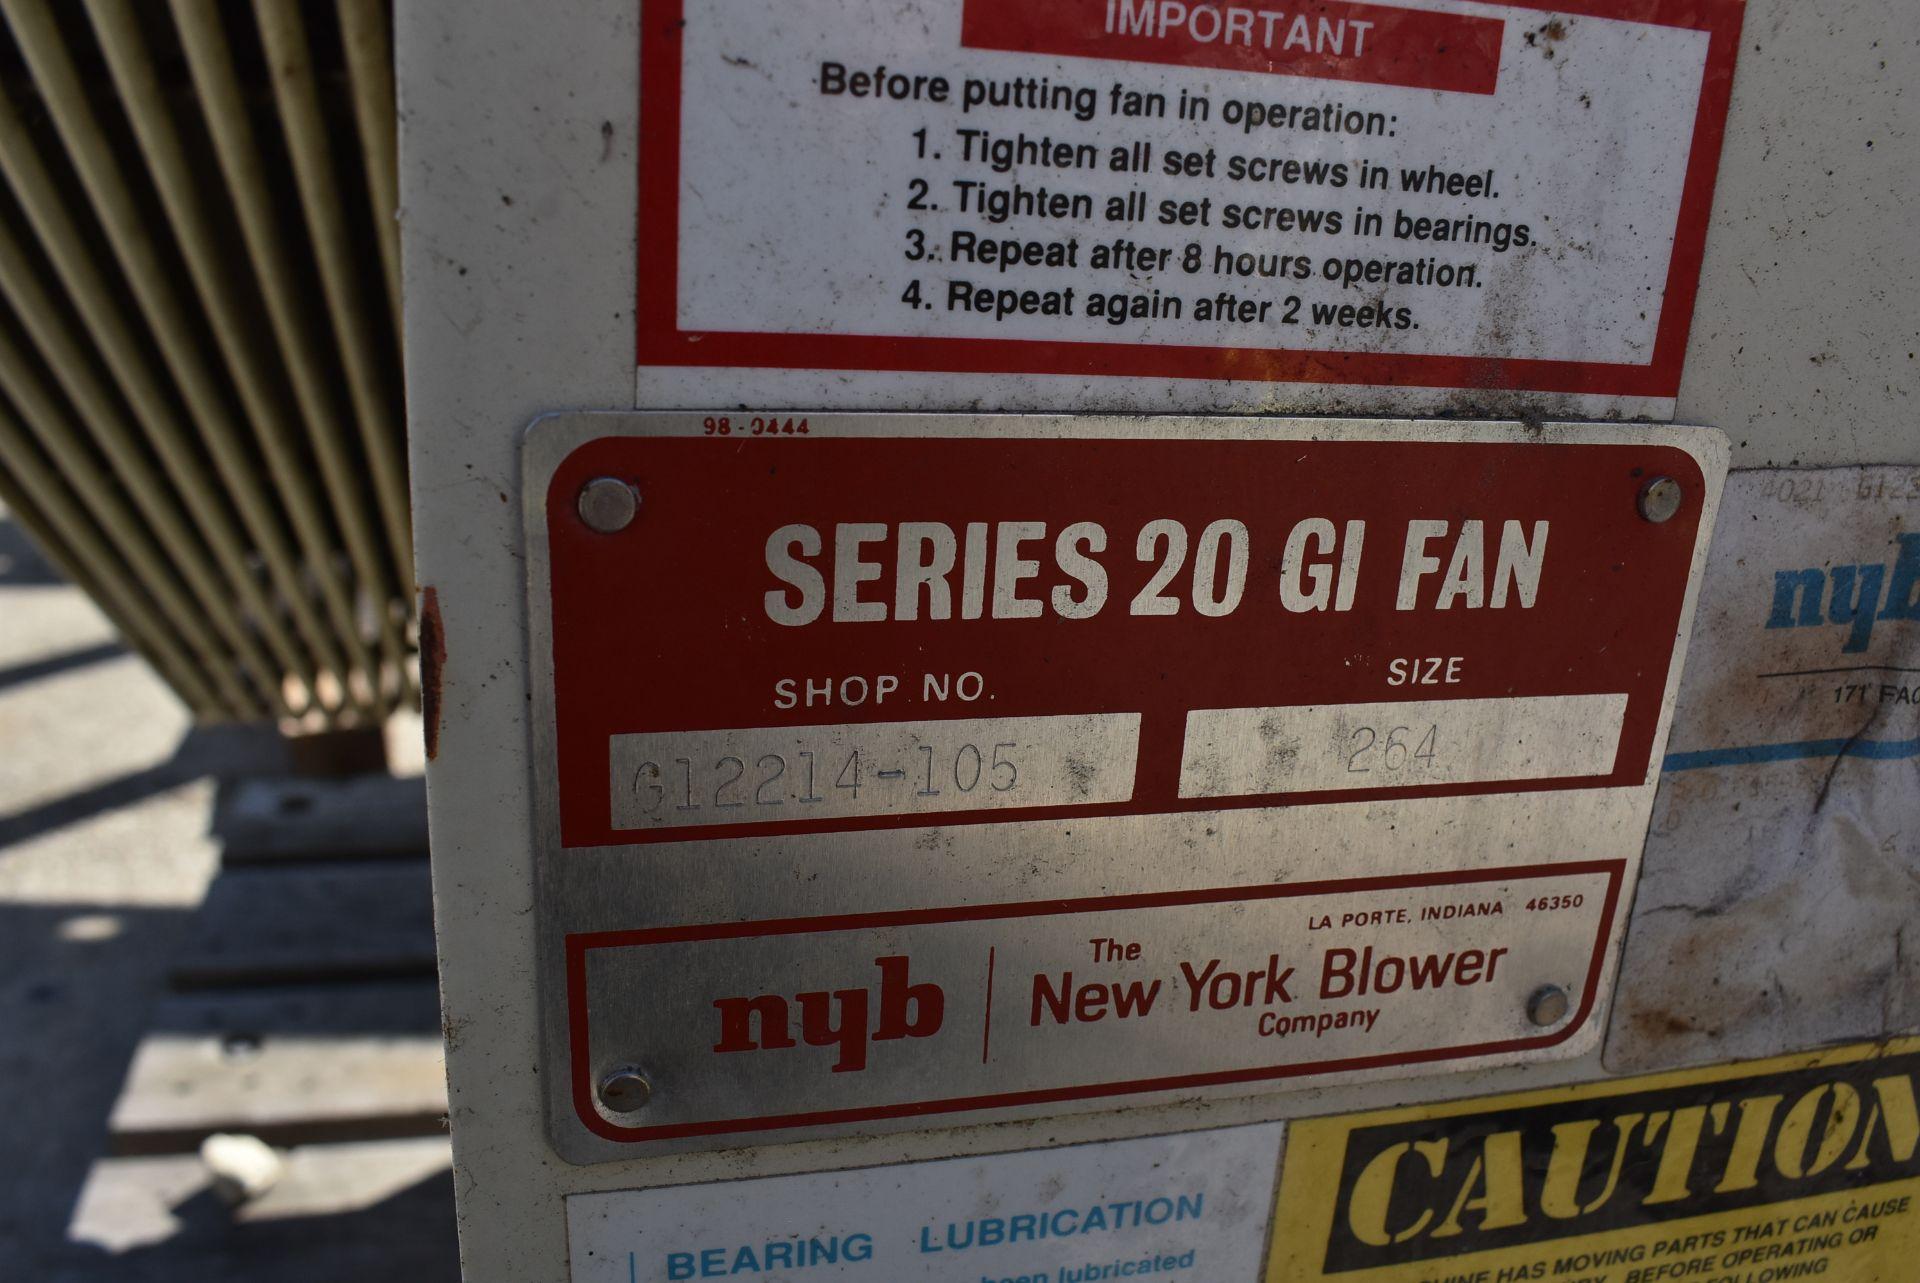 New York Blower Series 20 GI Fan, Size 264 w/Motor - Image 4 of 4